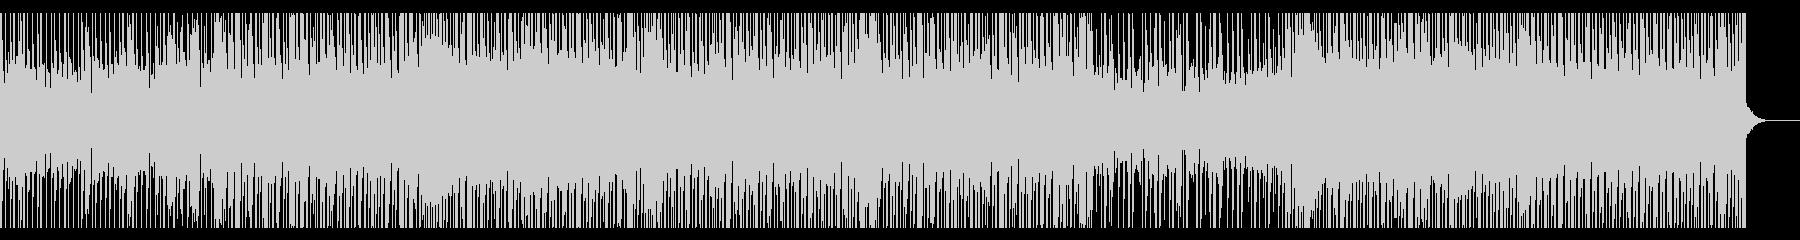 切なくてかっこいいリズムのBGMの未再生の波形